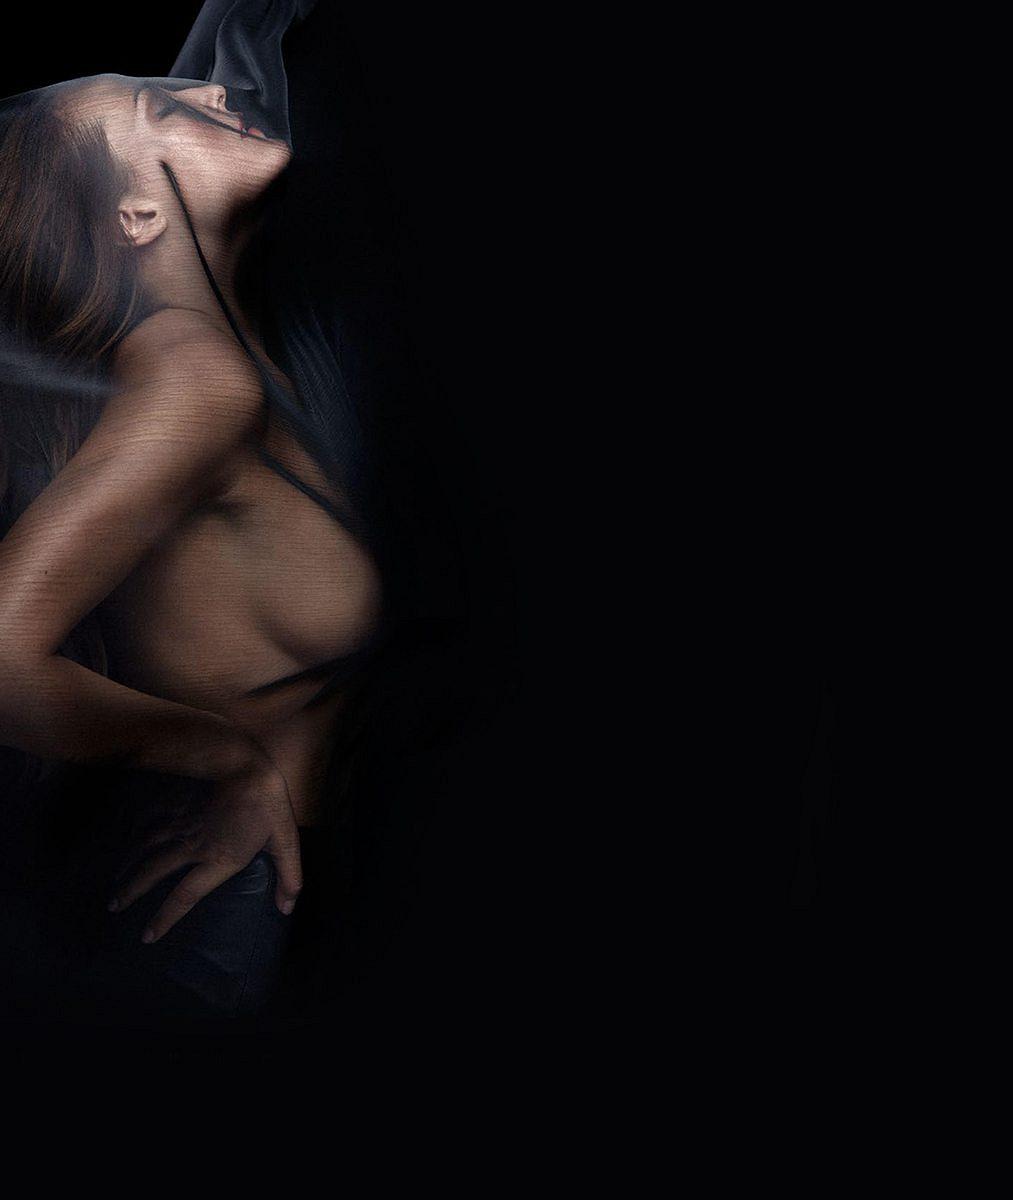 Před fotoaparátem stála nahá. Podívejte se, jak vznikaly nejodvážnější fotky kariéry Kateřiny Sokolové